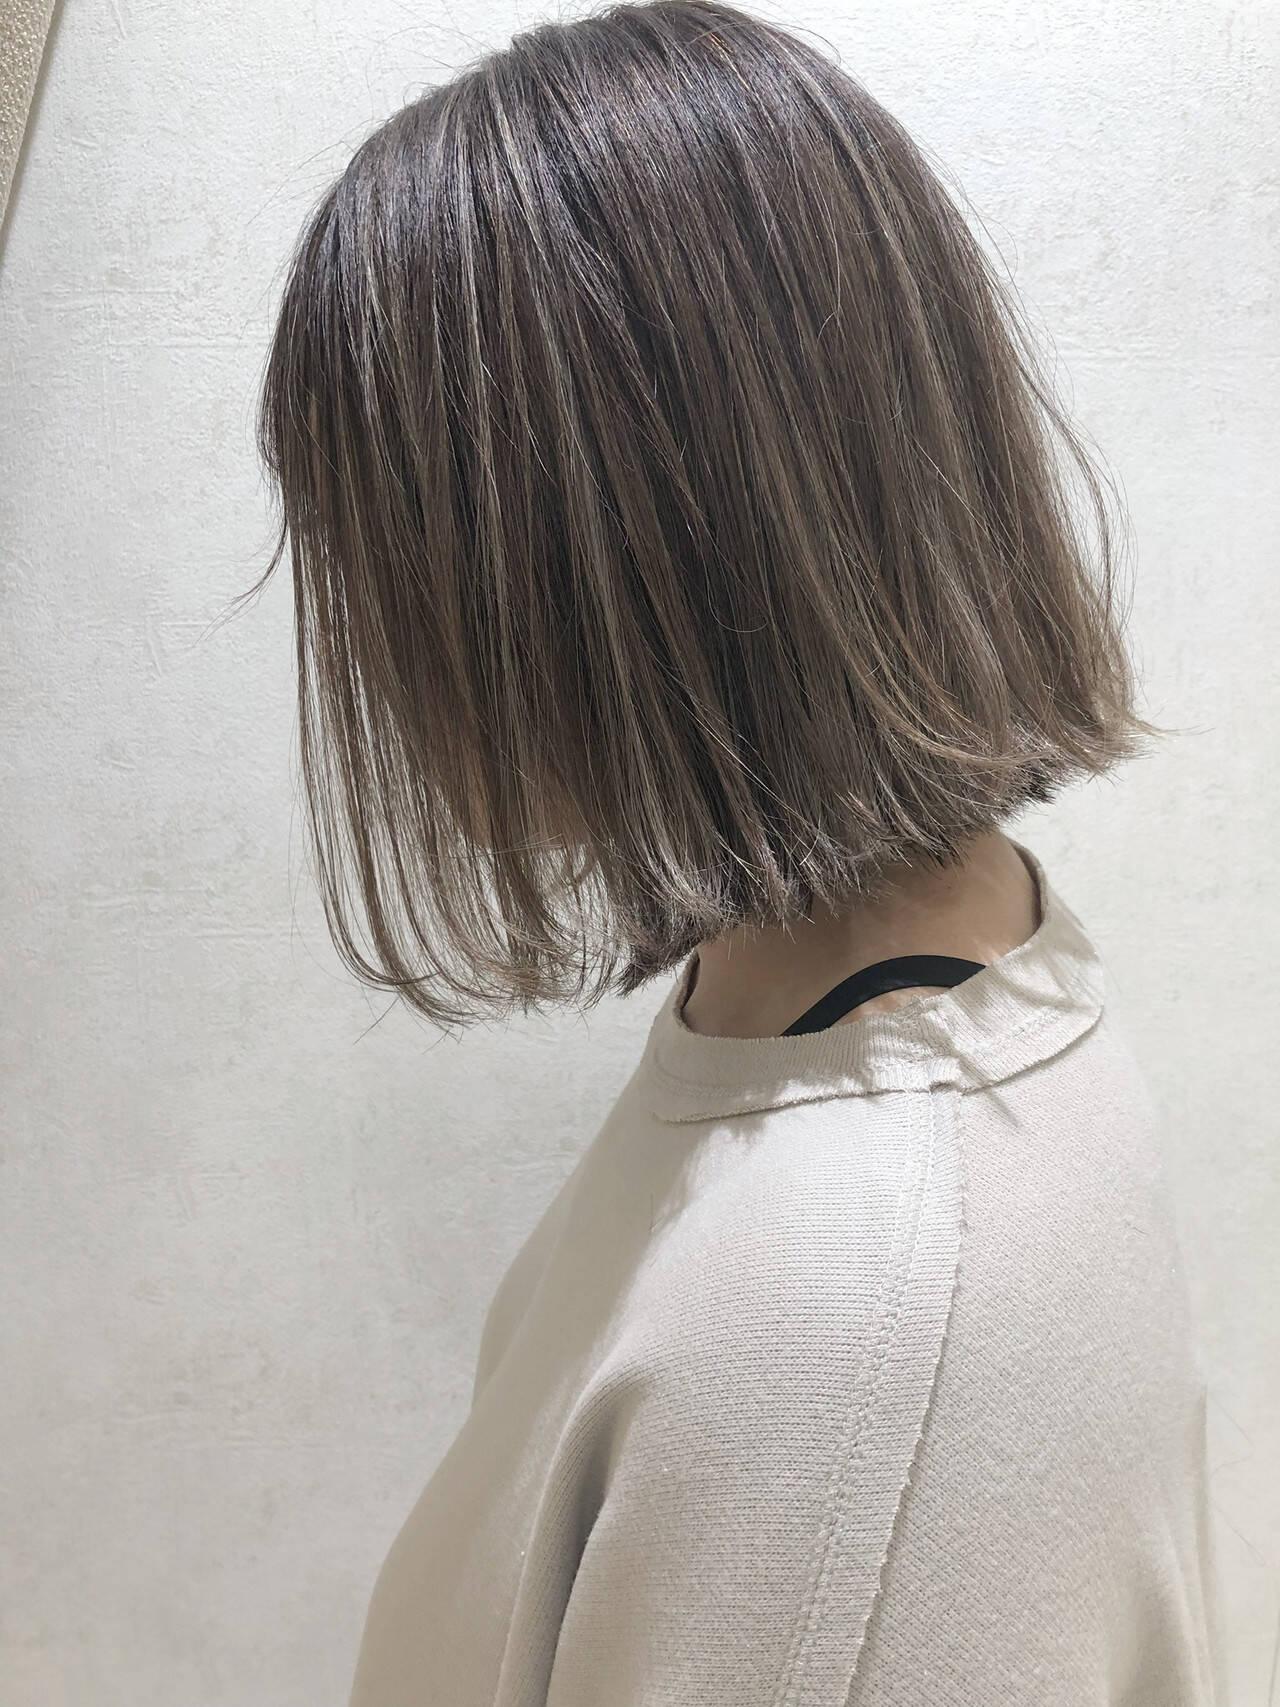 アッシュ 大人ショート アッシュベージュ エレガントヘアスタイルや髪型の写真・画像